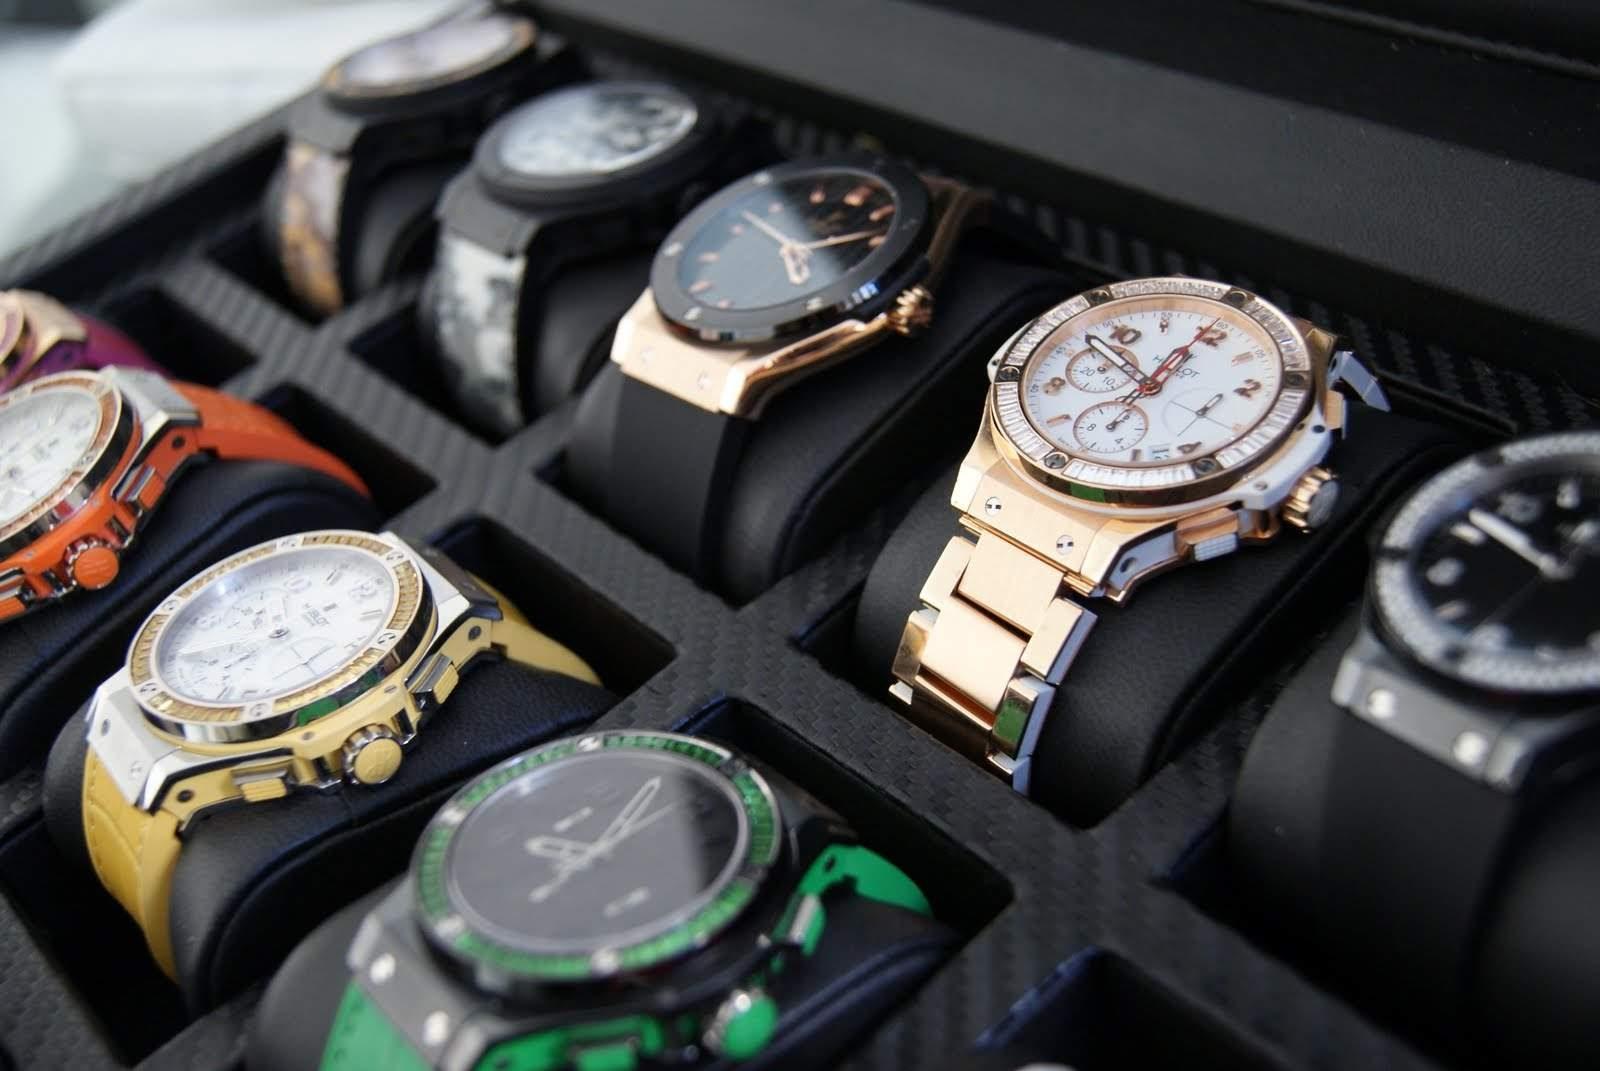 Деньги работы часы вещи ломбард из часов под коробку продать